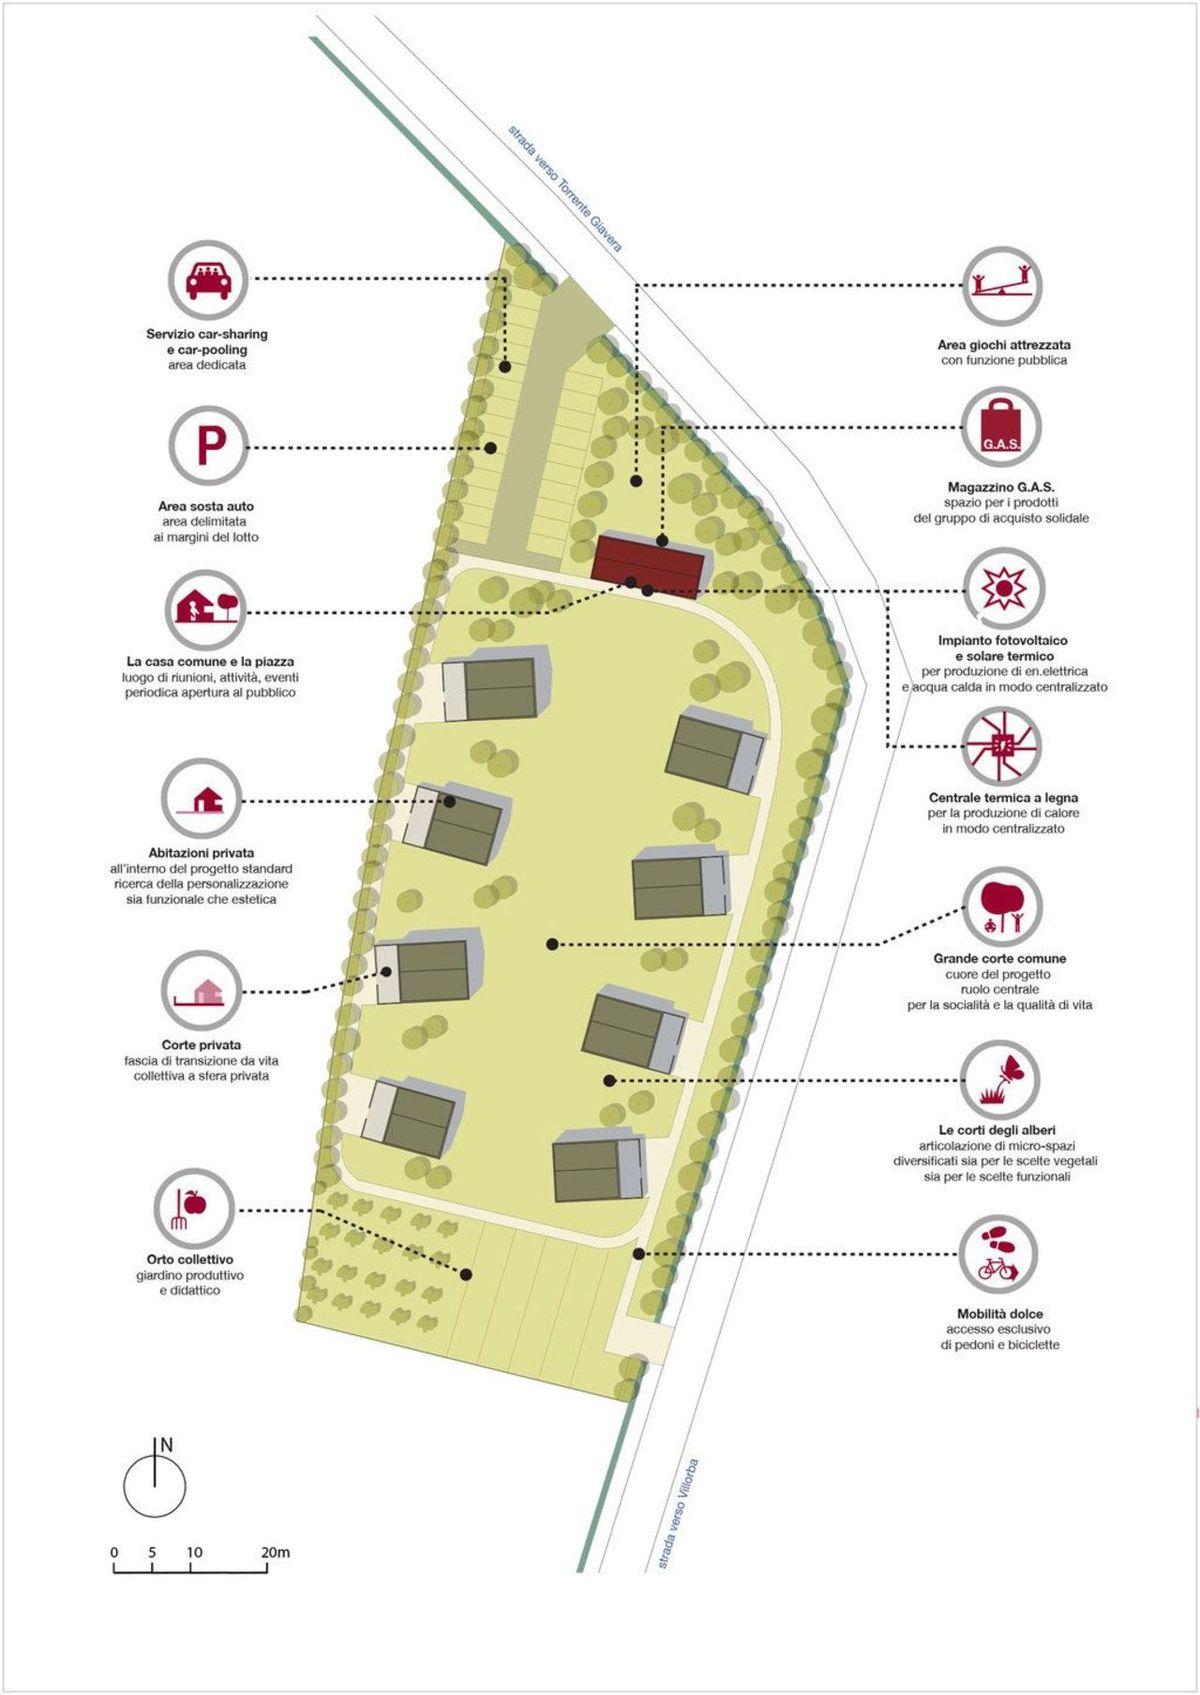 Quattro passi, Villorba, TAMassociati's ecological district